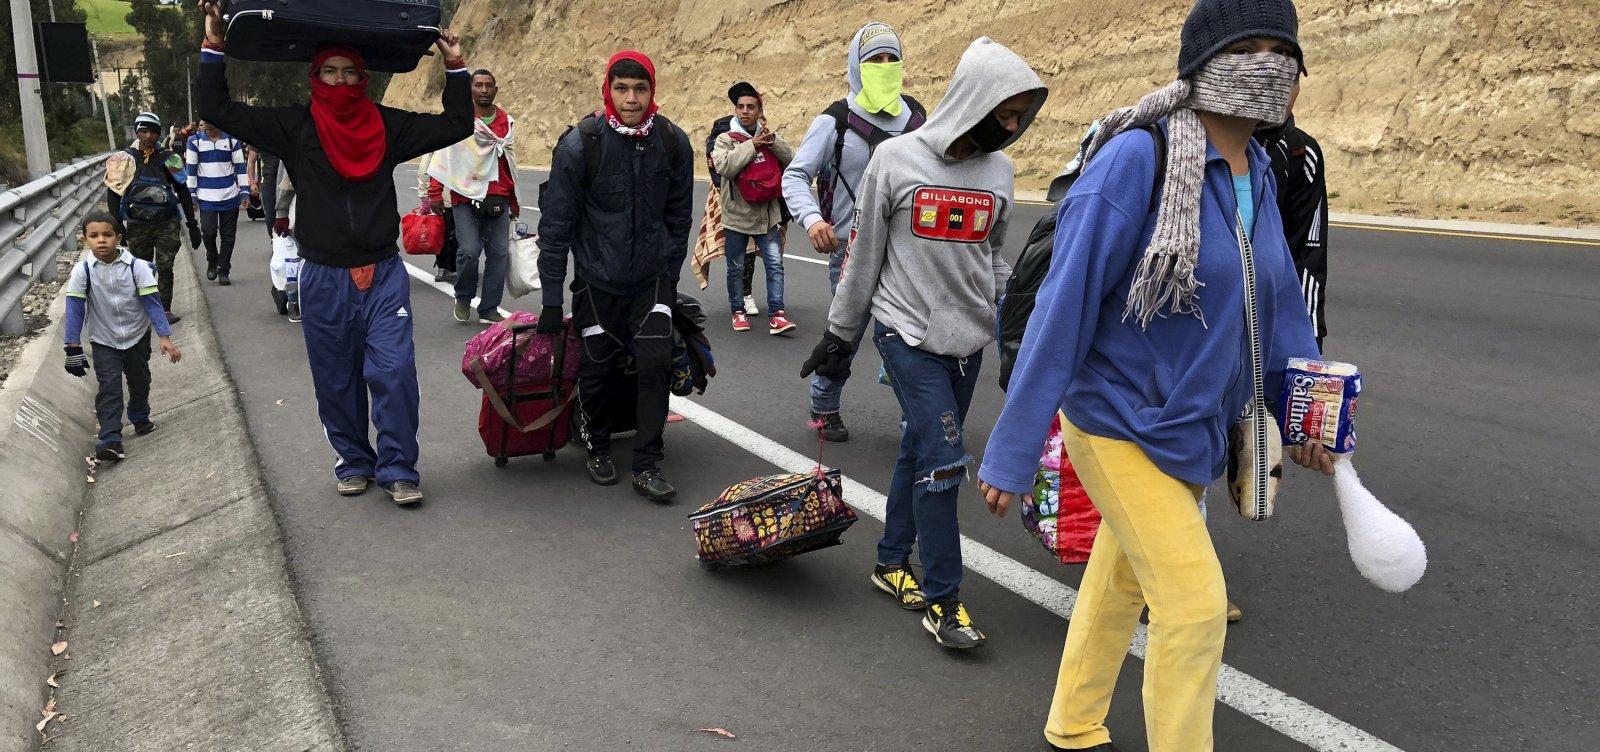 Refugiados e migrantes venezuelanos chegam a 3 milhões no mundo, atesta ONU